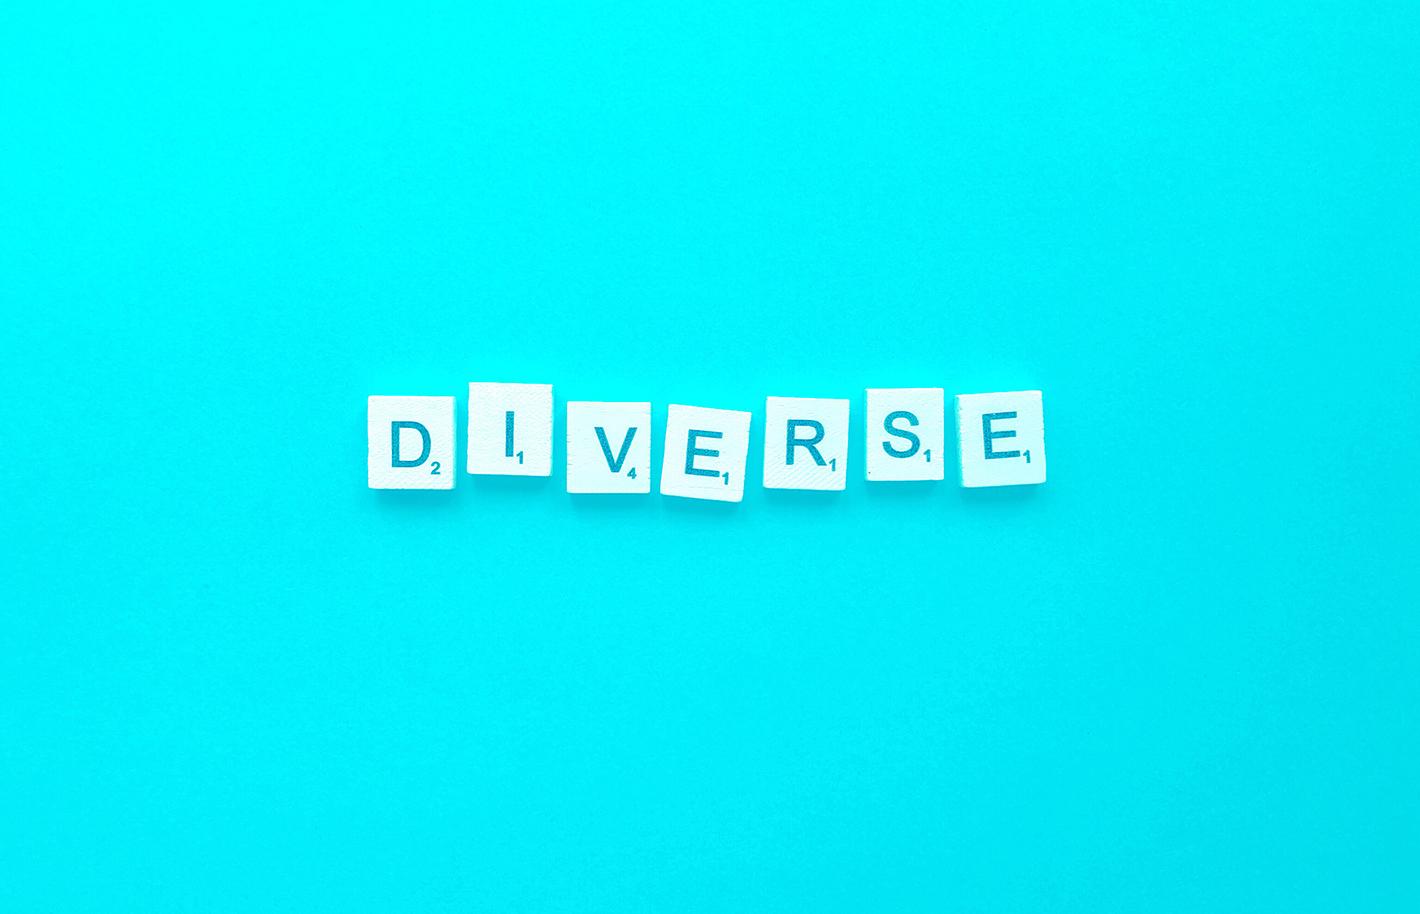 Diversity written in blocks